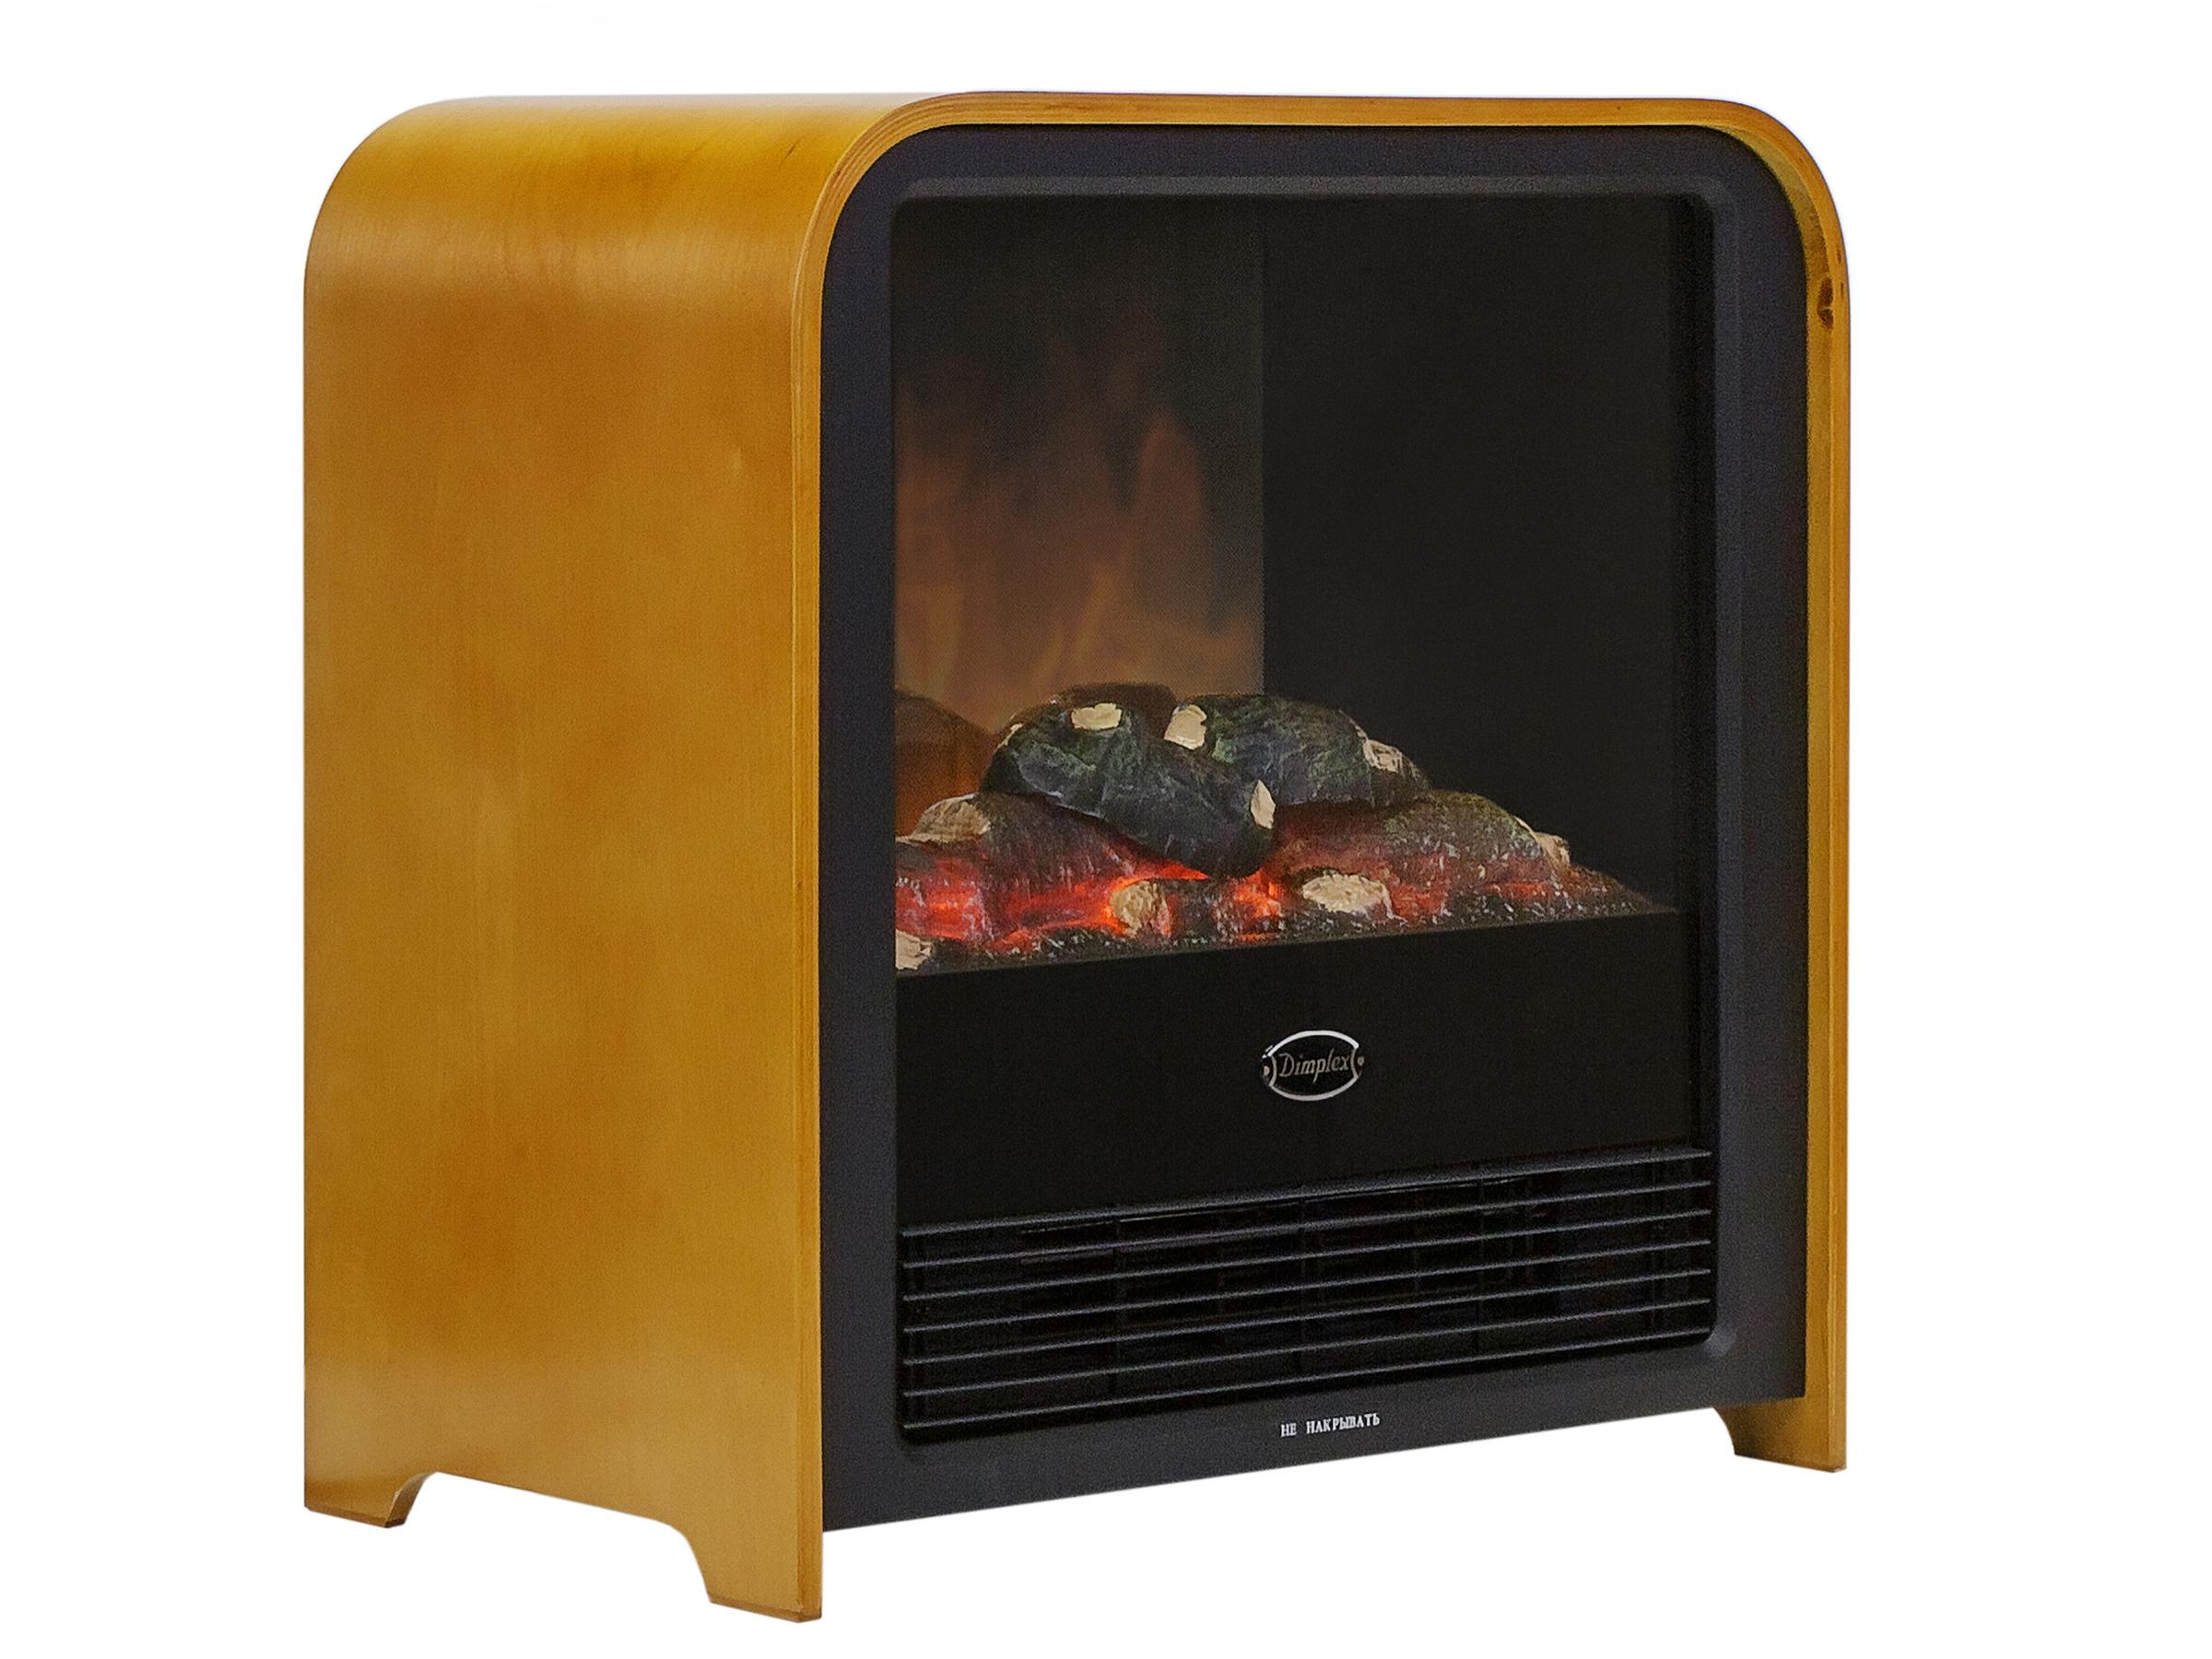 Электрическая печь NymanКамины, порталы и очаги<br>Электрическая печь в стиле Ретро с эффектом пламени Optiflame<br><br>Material: Пластик<br>Ширина см: 49.5<br>Высота см: 50.3<br>Глубина см: 29.0